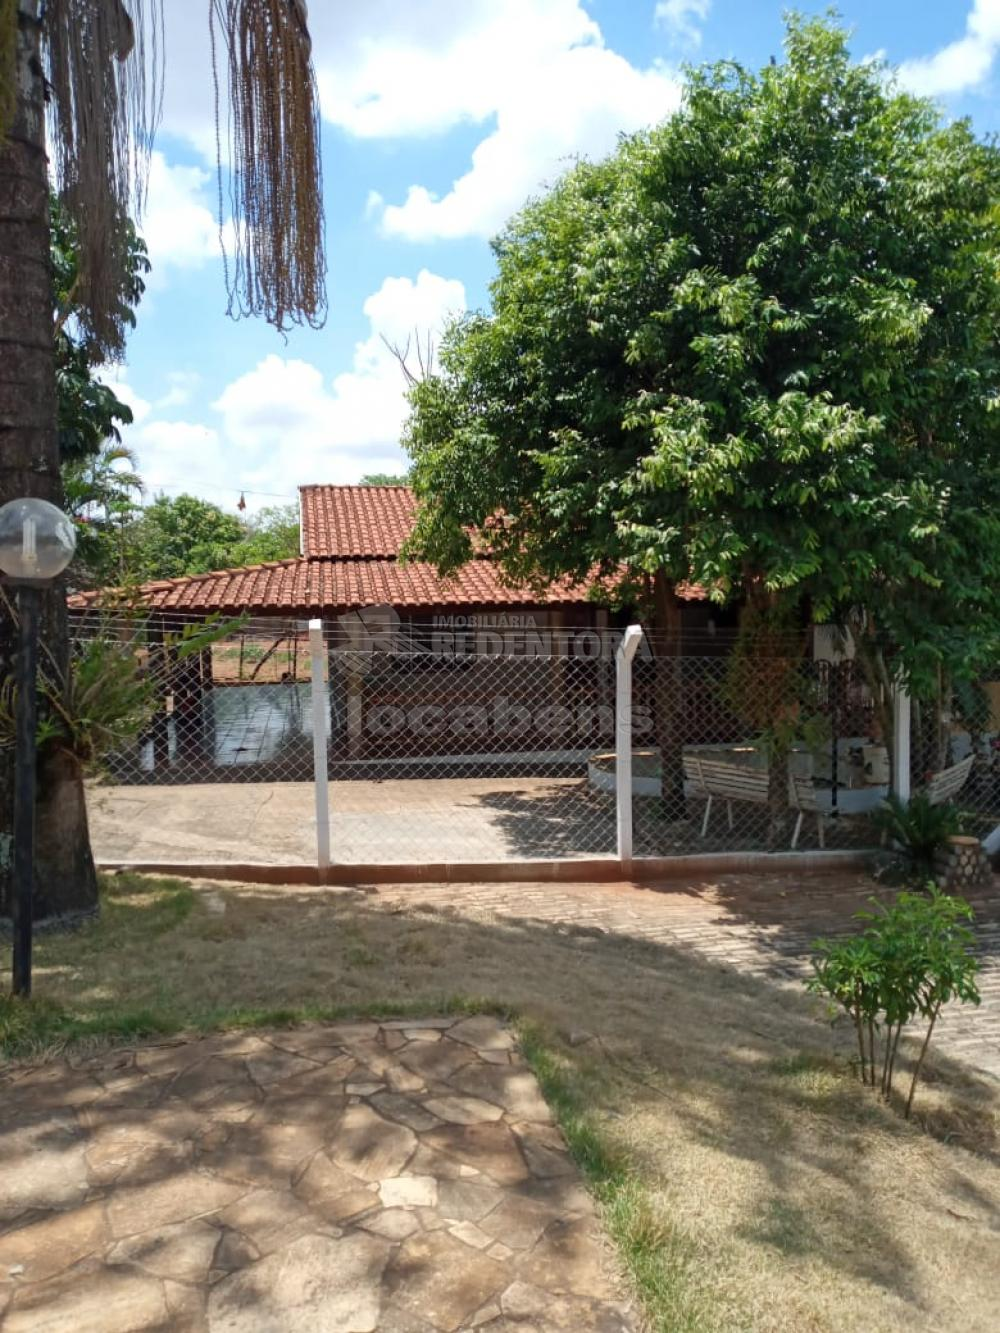 Comprar Rural / Chácara em São José do Rio Preto R$ 650.000,00 - Foto 27